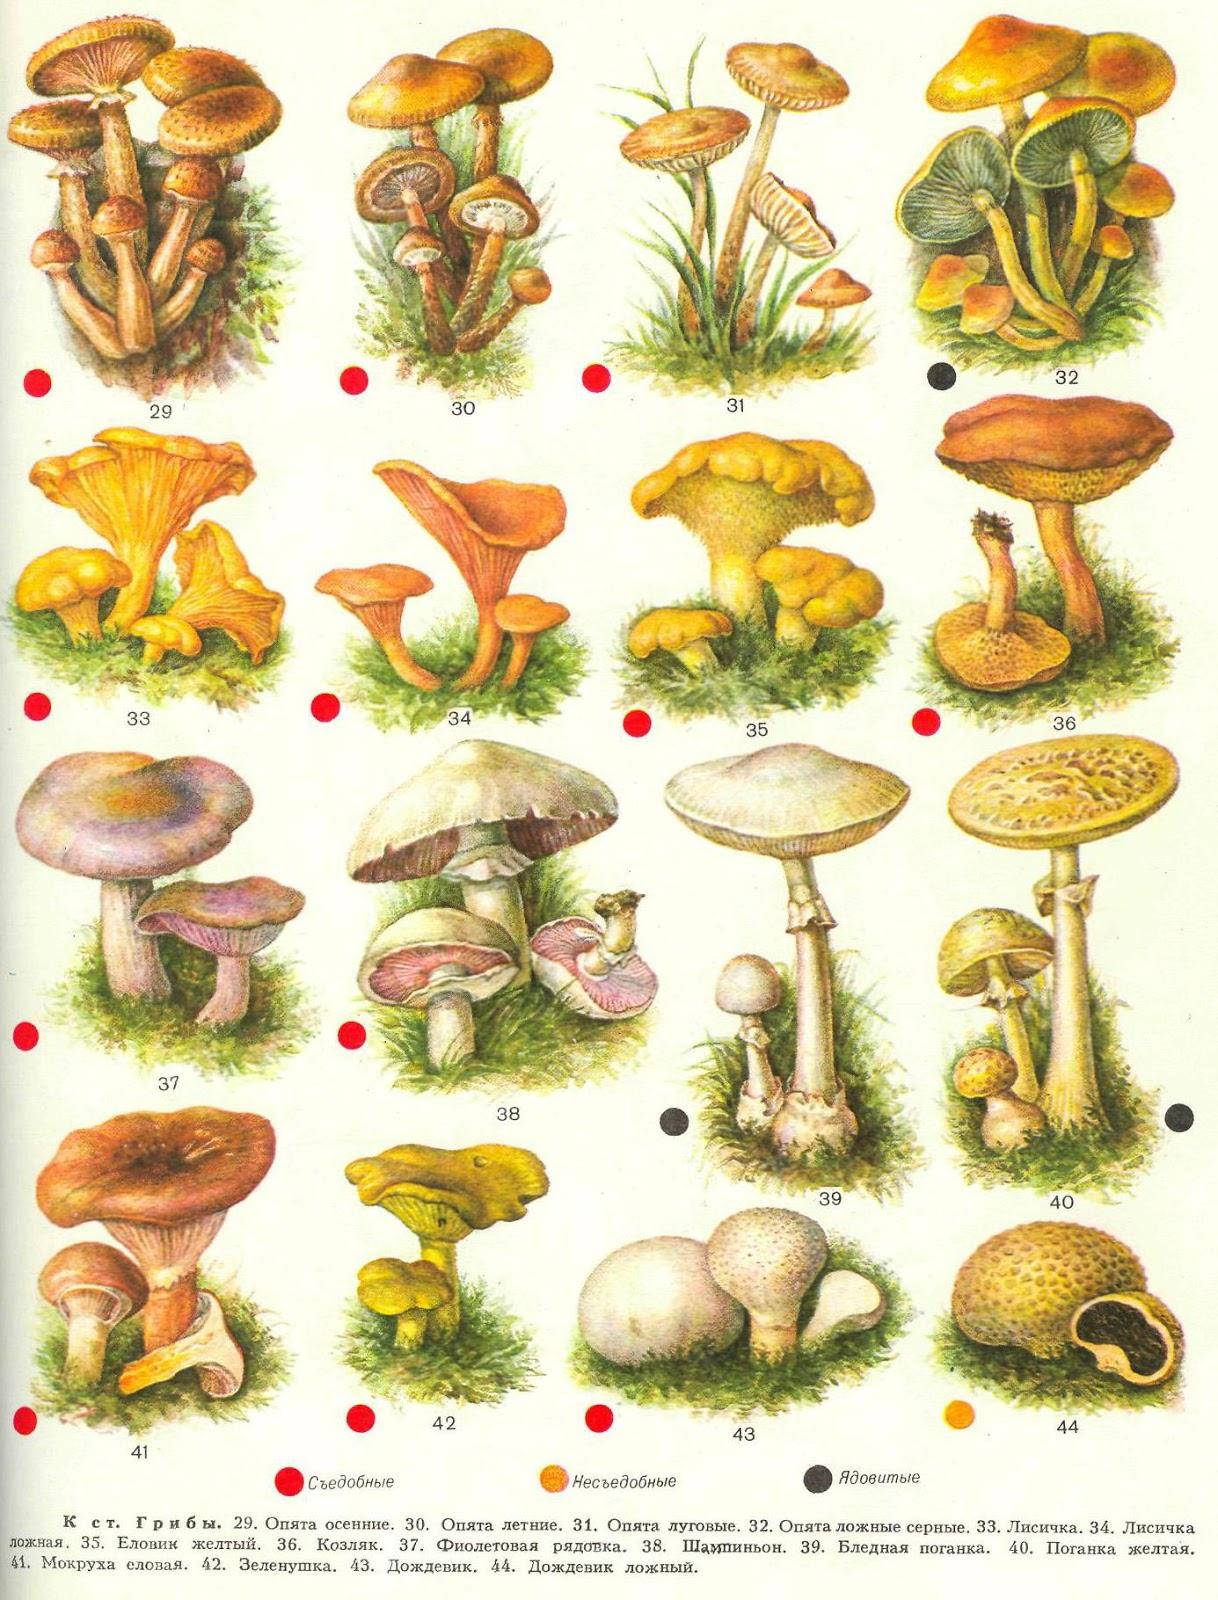 Картинки грибов для детей нарисованные цветные - 6716